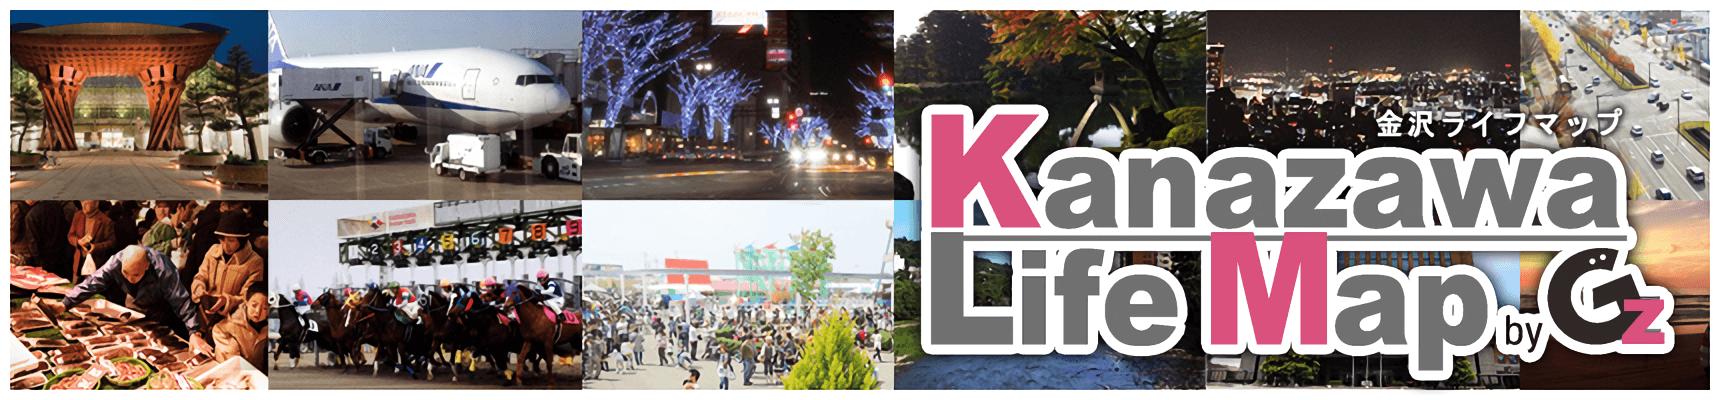 Kanazawa Life Map